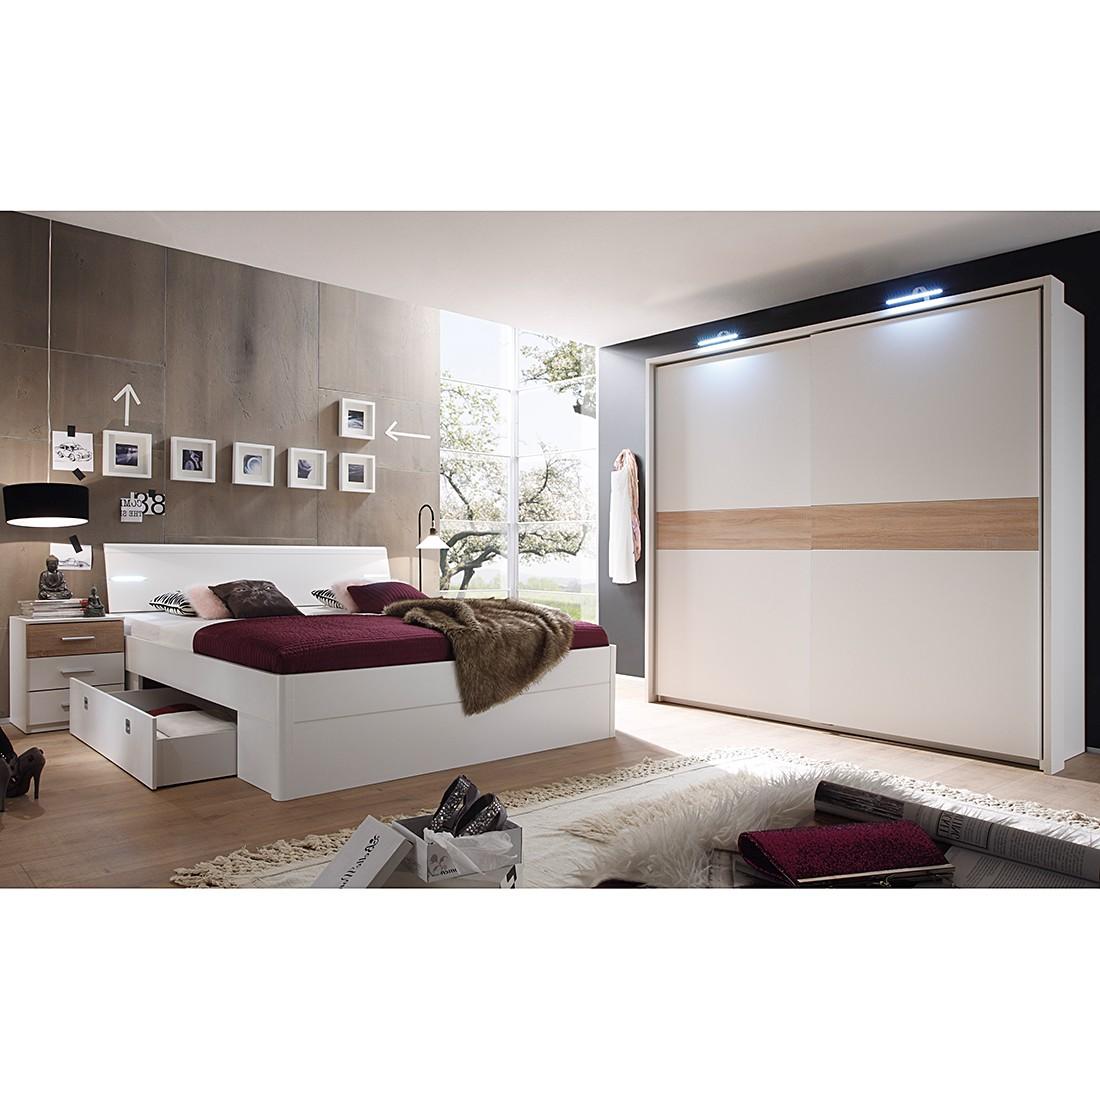 Schlafzimmerset Veneta (4-teilig) – Weiß/Eiche Sanremo Dekor, Modoform günstig